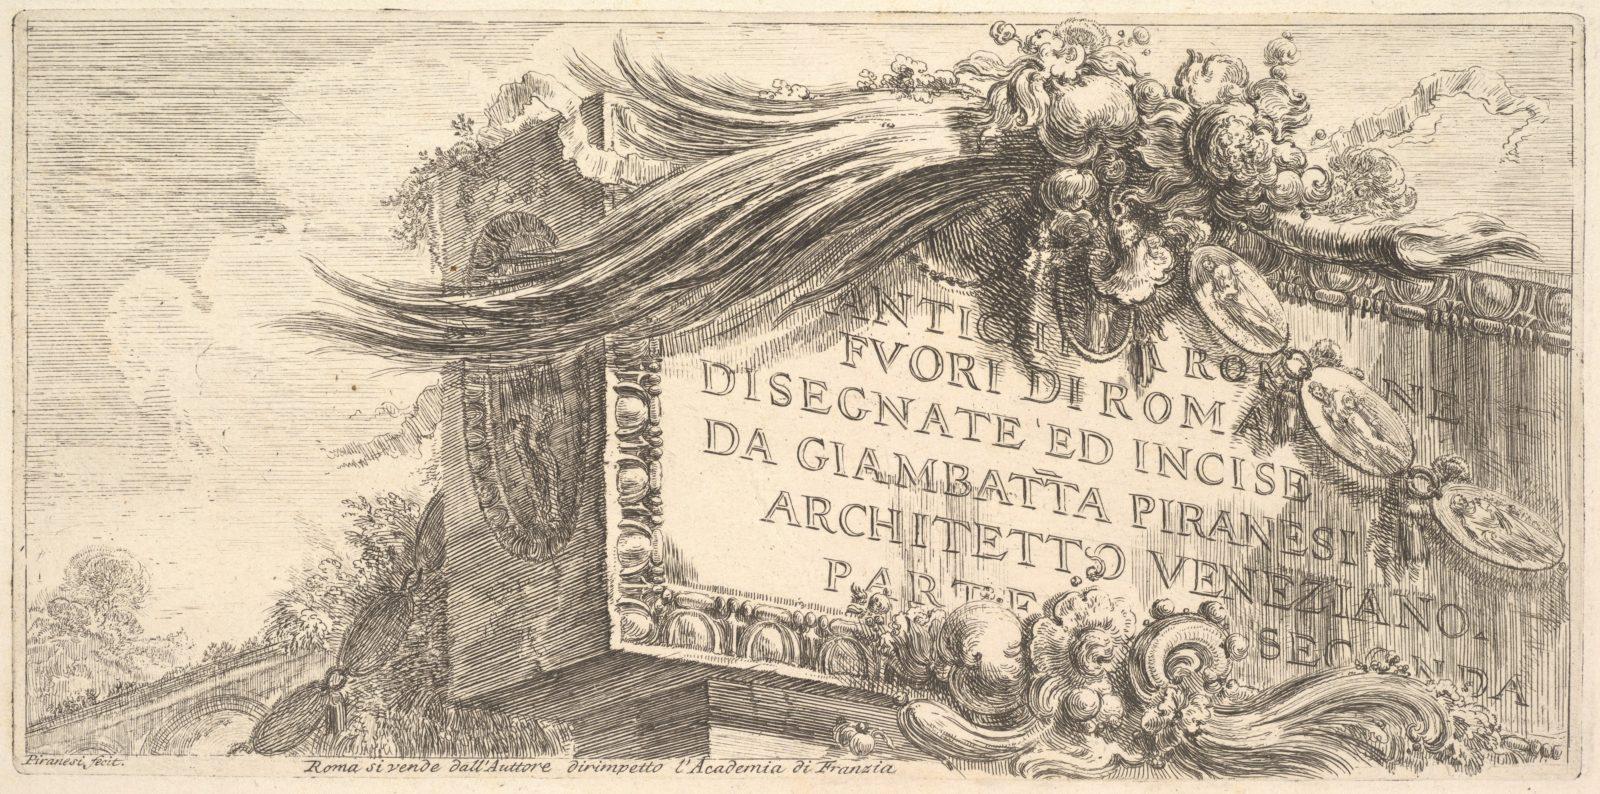 Frontispiece to Part Two. Roman Antiquities outside Rome drawn and etched by Giambat'ta Piranesi, Venetian Architect Part Two (ANTCHITÀ ROMANE FUORI DI ROMA DISEGNATE ED INCISE DA GIAMBAT'TA PIRANESI, ARCHITETTO VENEZIANO, PARTE SECONDA)